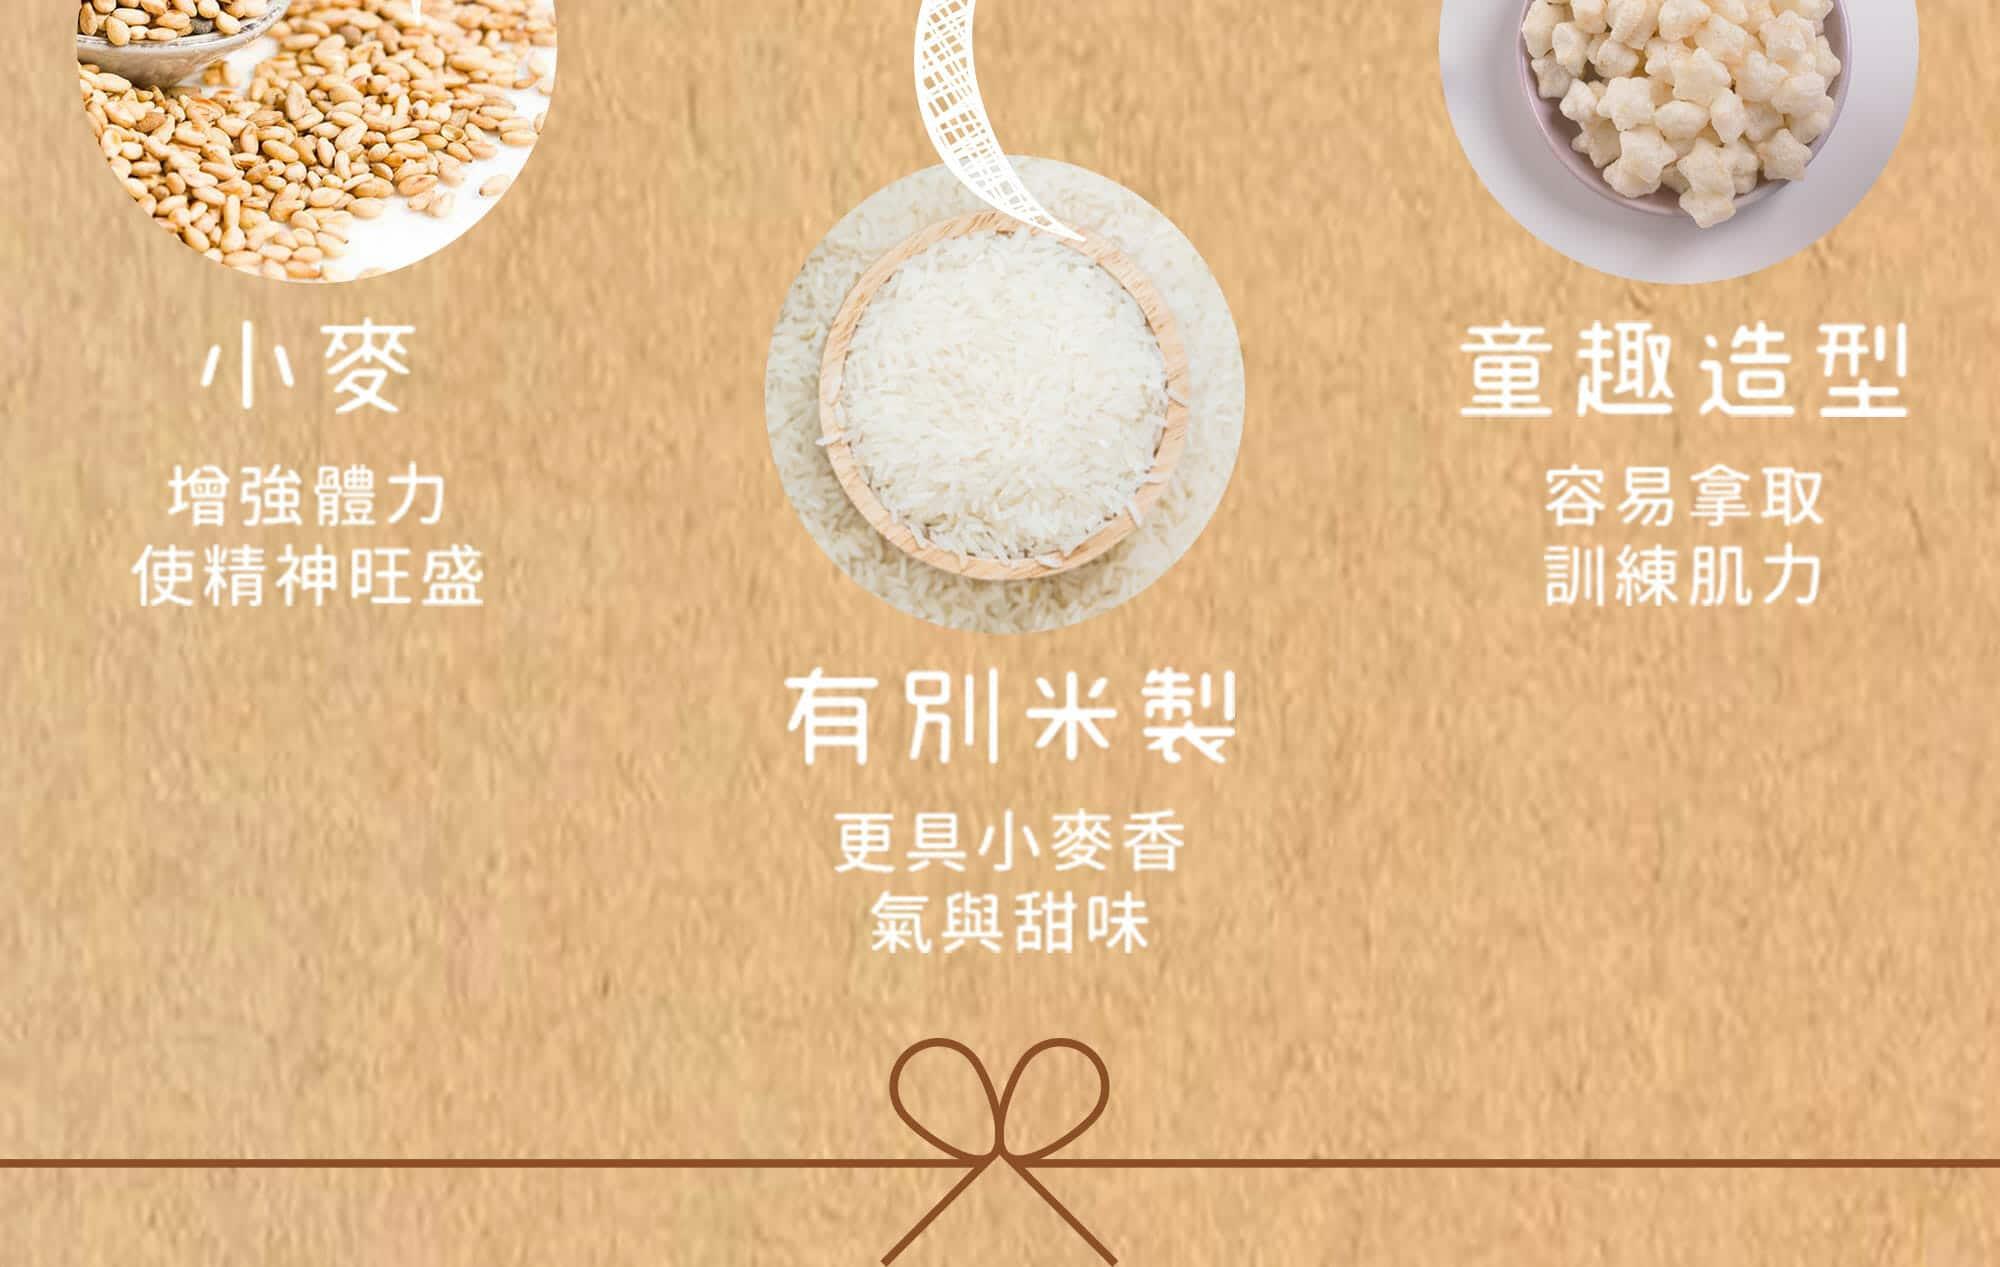 麥星星的特色,以小麥製作可以增強體力與精神,更具有小麥的香氣與甜味,星星造型訓練寶寶抓握能力。